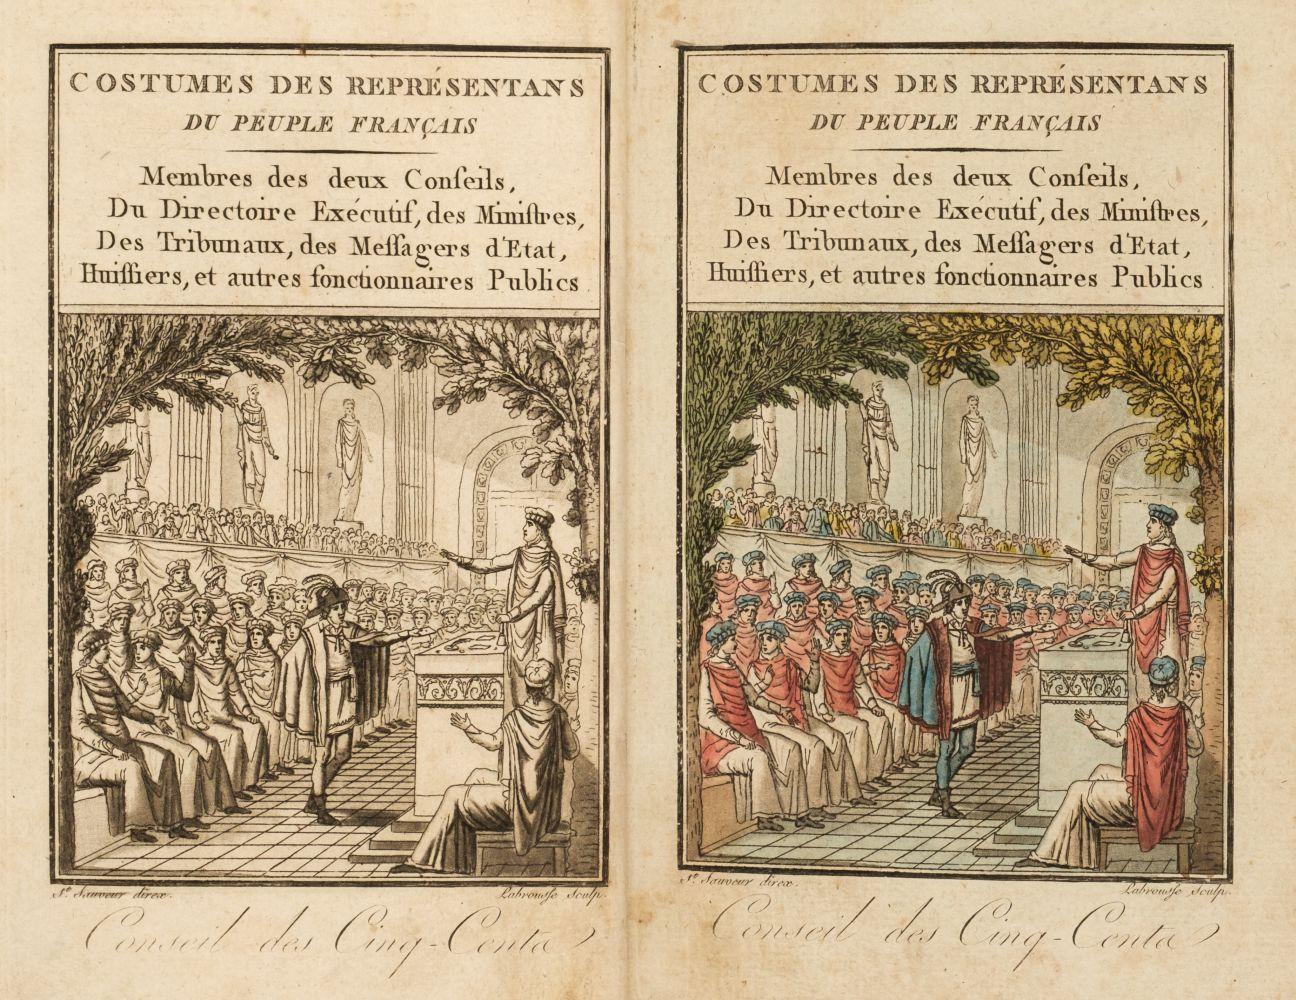 Grasset de Saint-Sauveur (Jacques). Costumes des représentans du peuple - Image 2 of 2